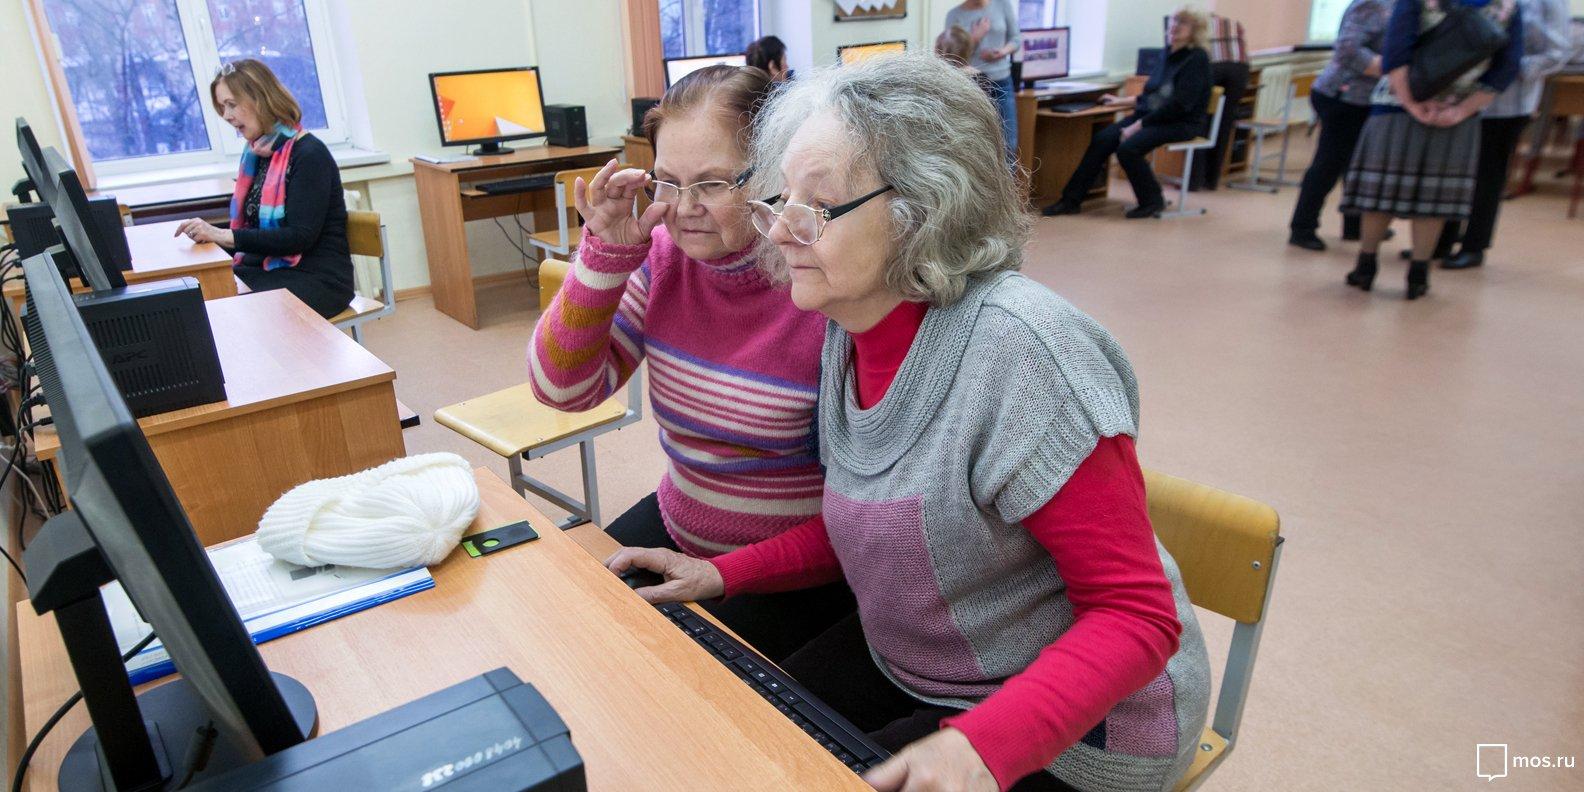 Жительница Ростокина стала одной из лучших на чемпионате СВАО по компьютерному многоборью